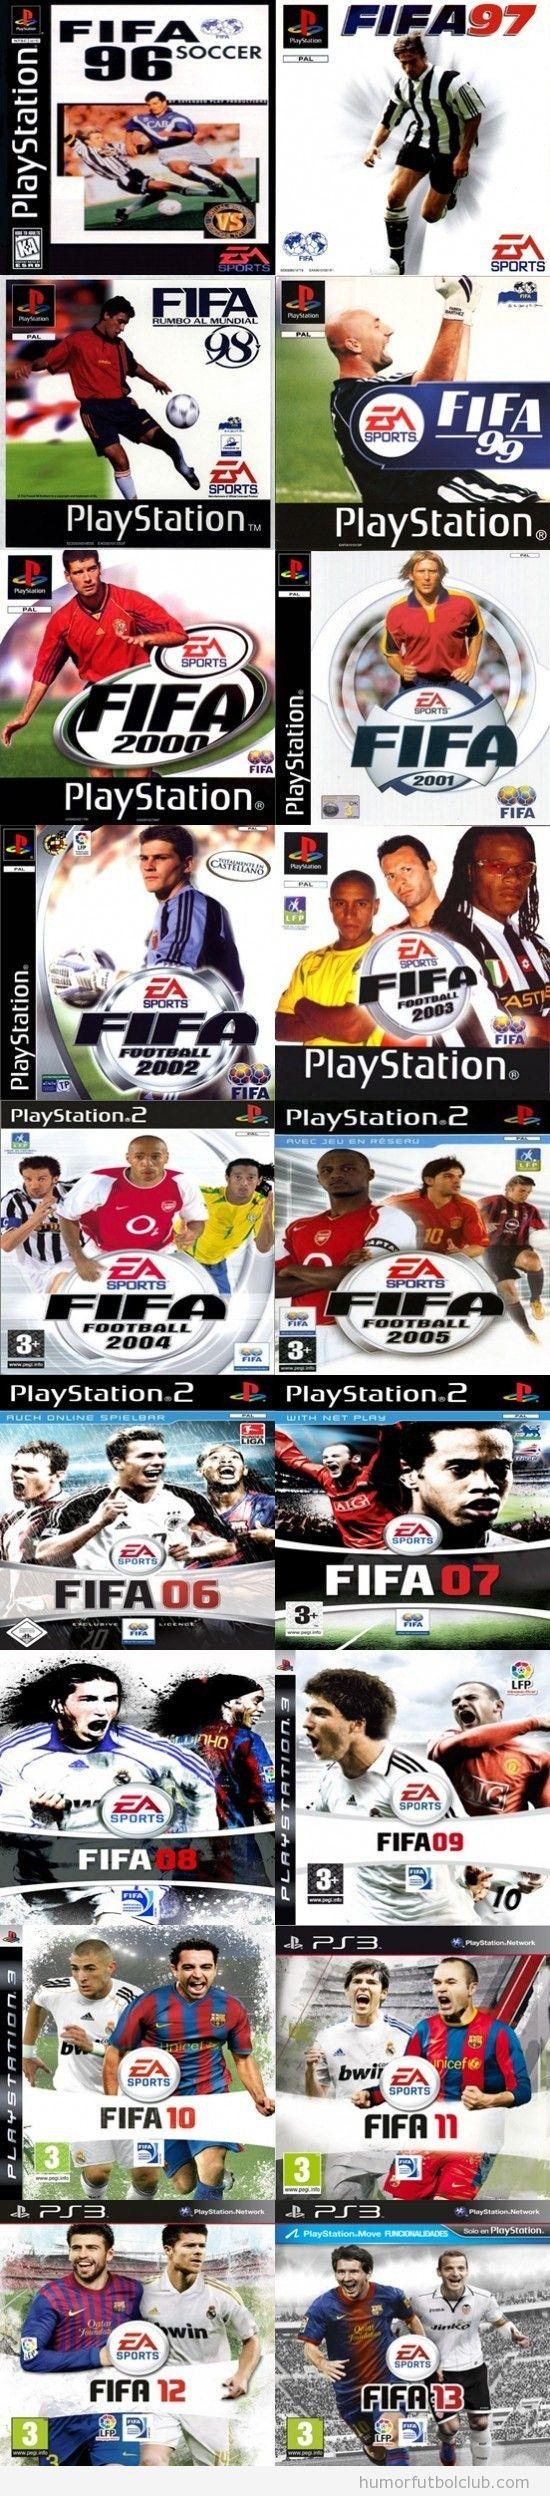 Historia de las portadas del Videojuego Fifa desde el año 1996 al 2013